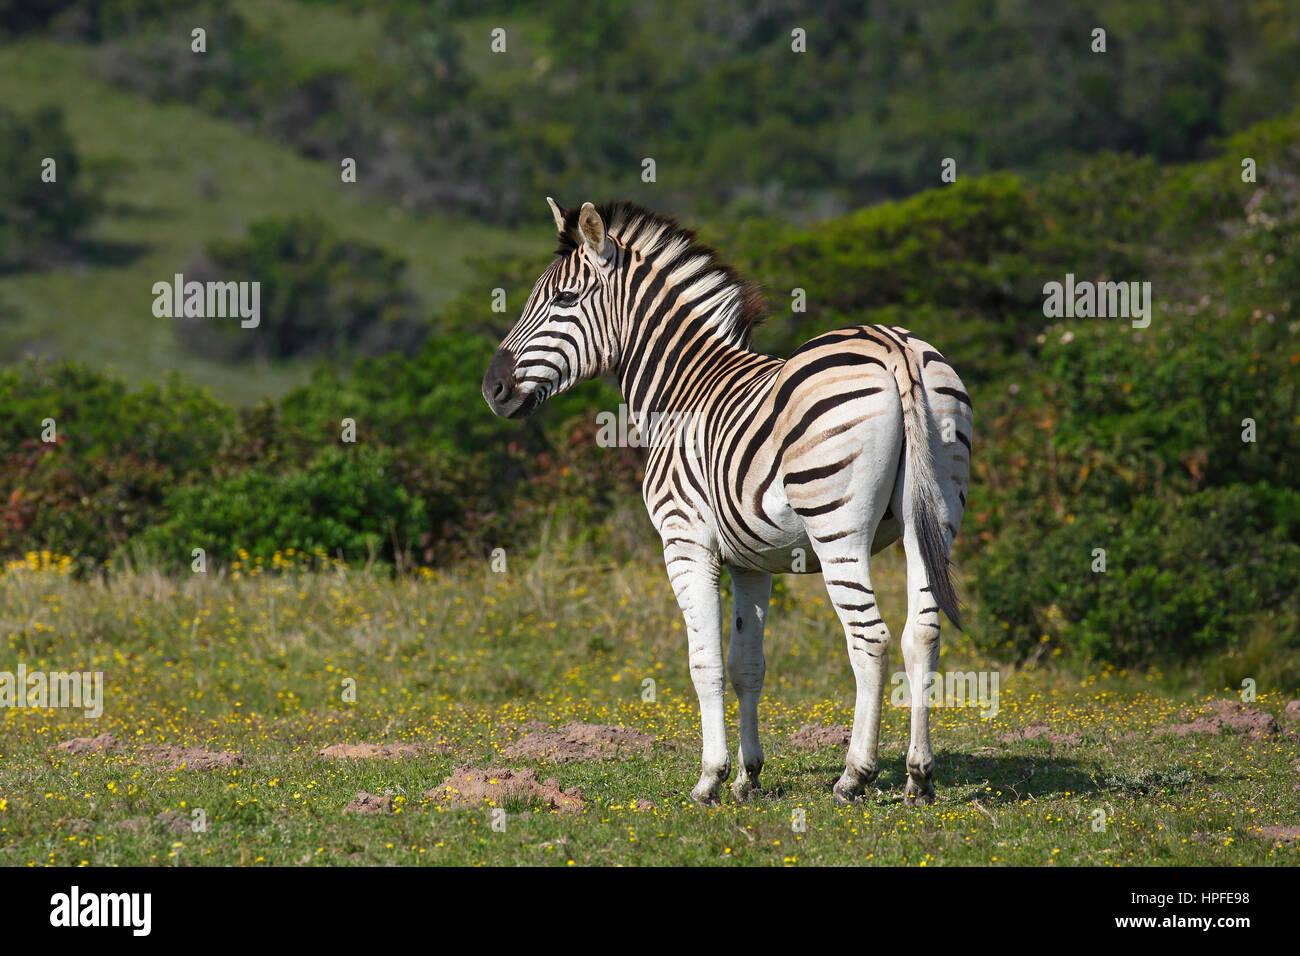 Cebra (Equus quagga burchelli) Burchell Zebra, Parque Nacional de Elefantes Addo, Sudáfrica Imagen De Stock